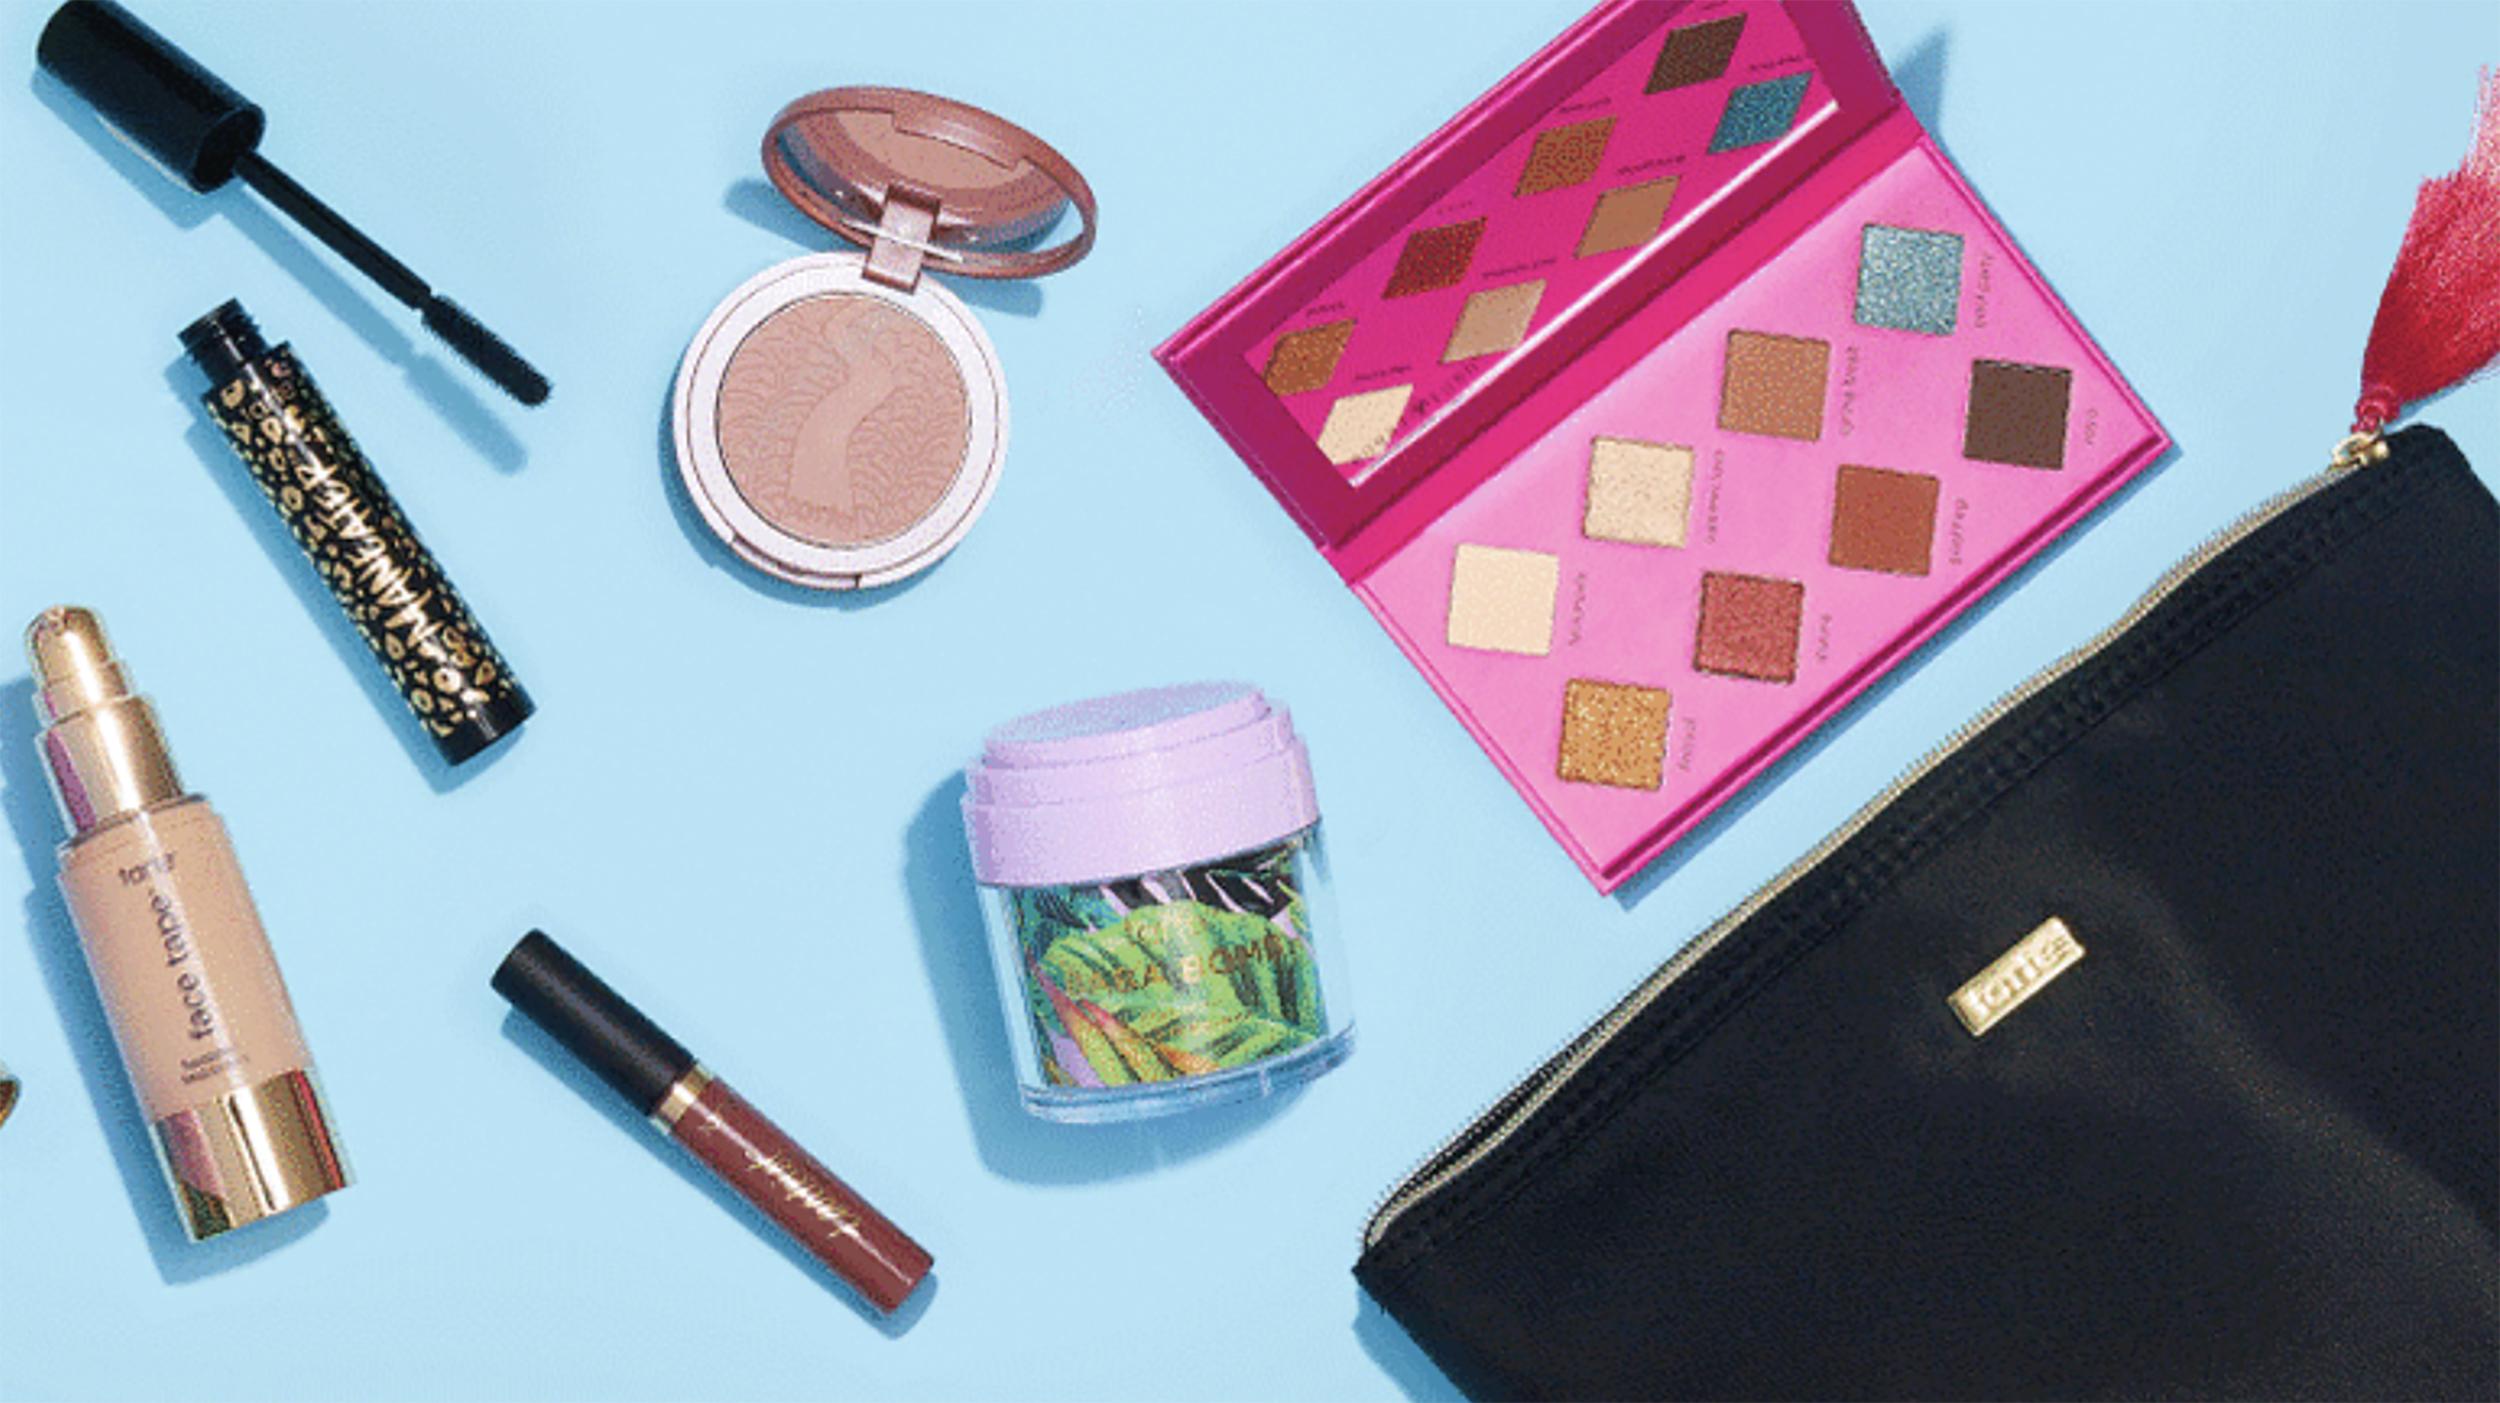 Tarte Build A Custom Makeup Kit